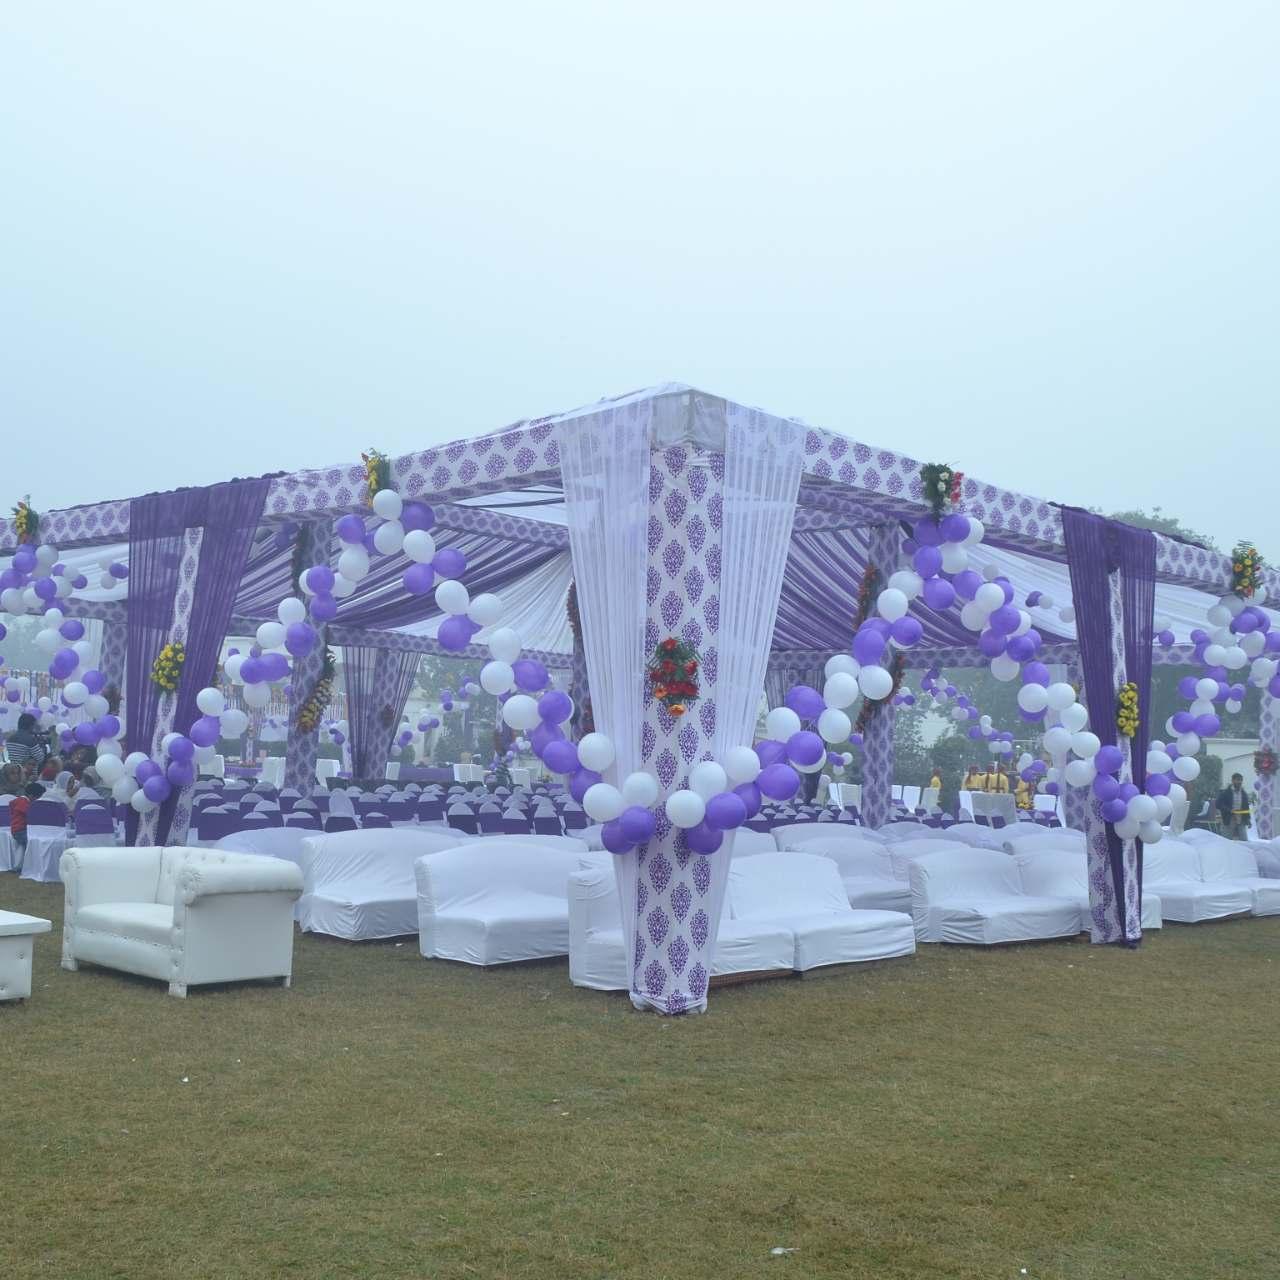 Chandni tent House kichha purple White theme